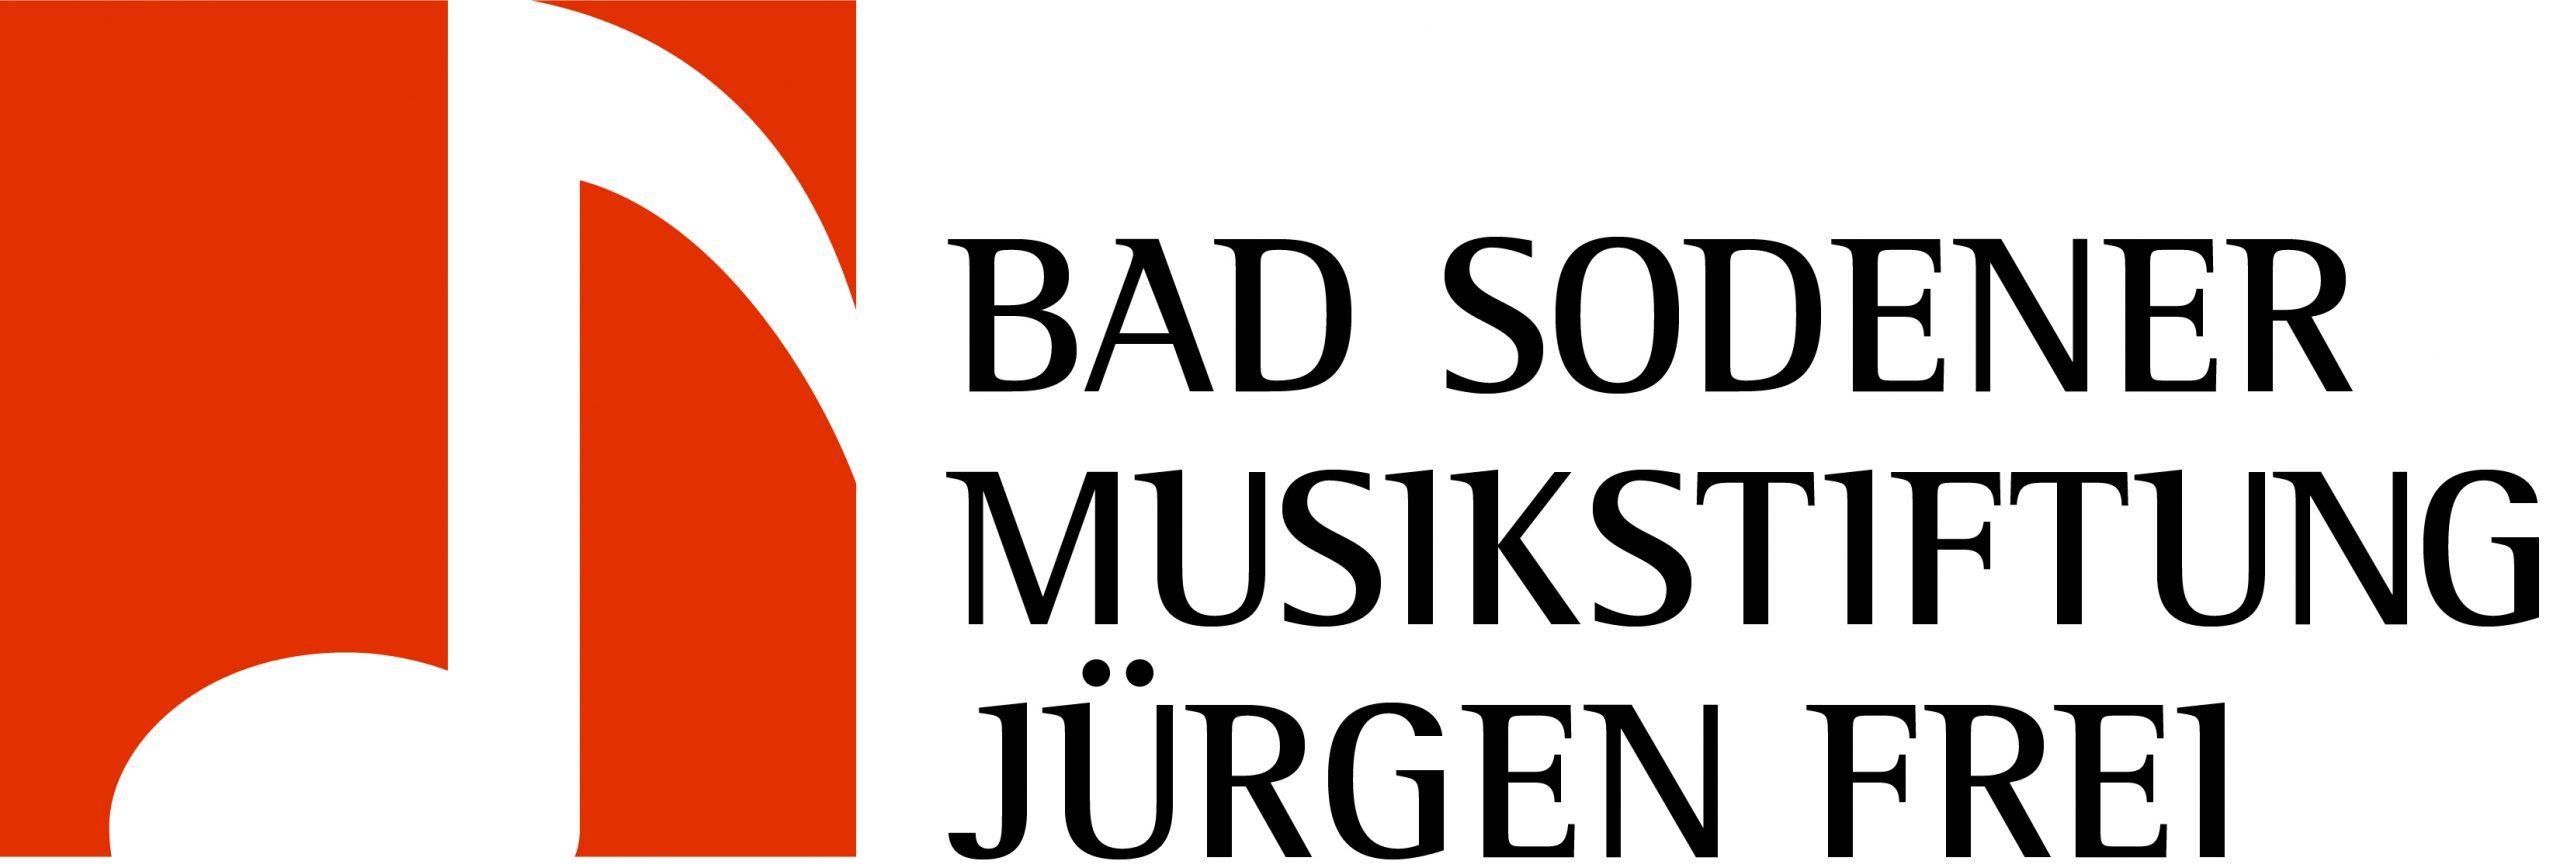 Bad Sodener Musikstiftung